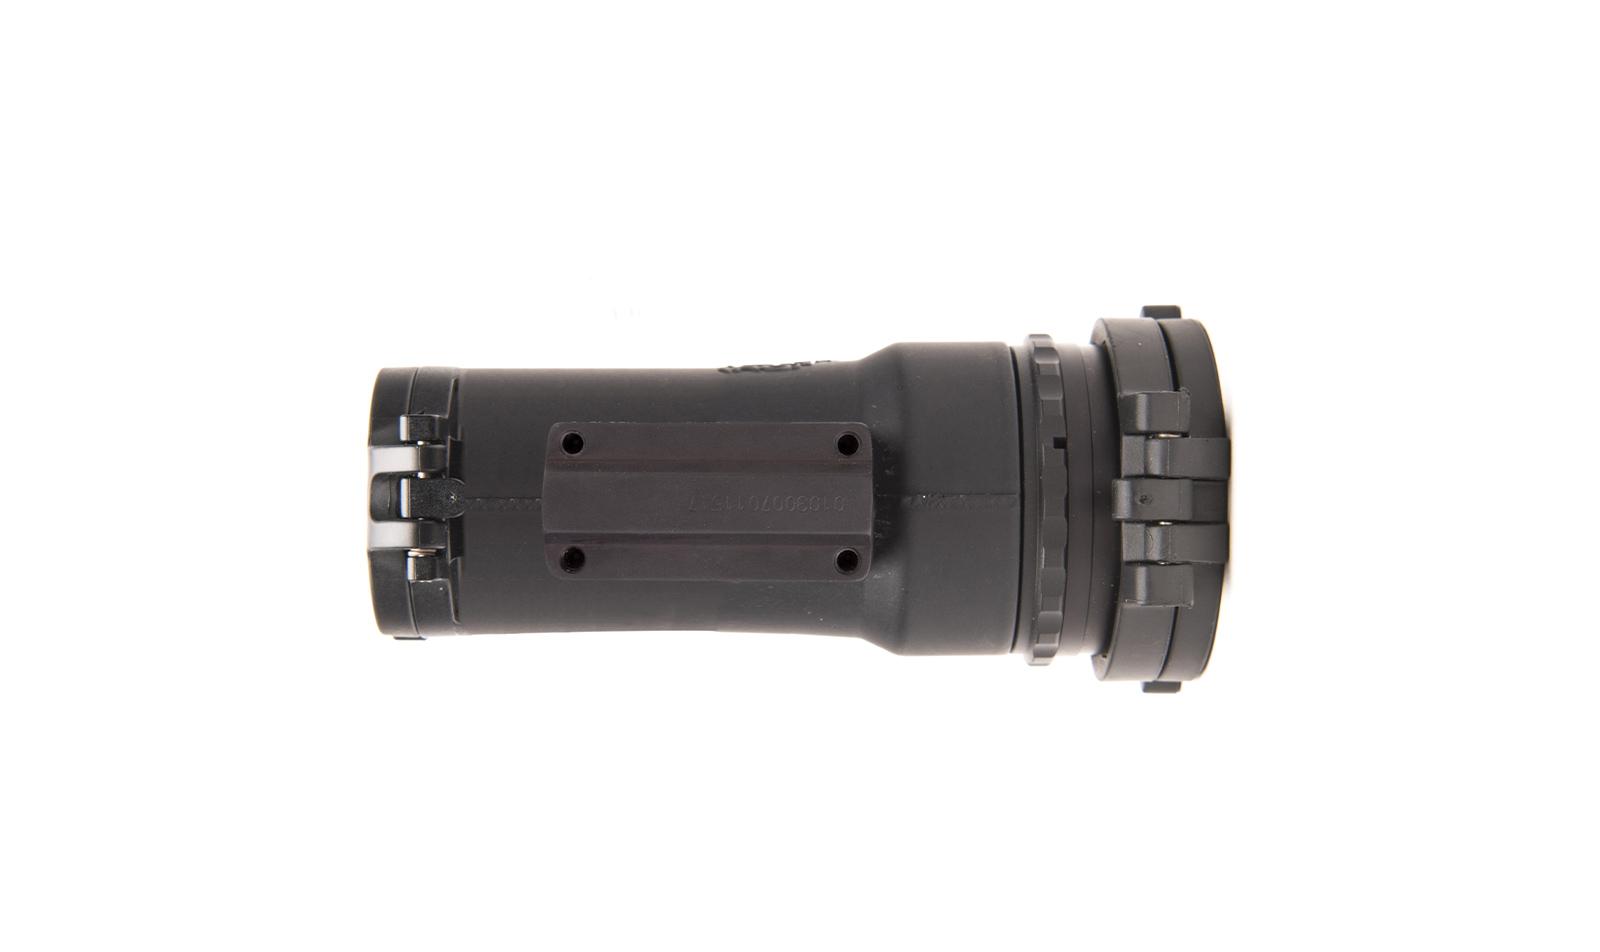 MRO-C-2200017 angle 10